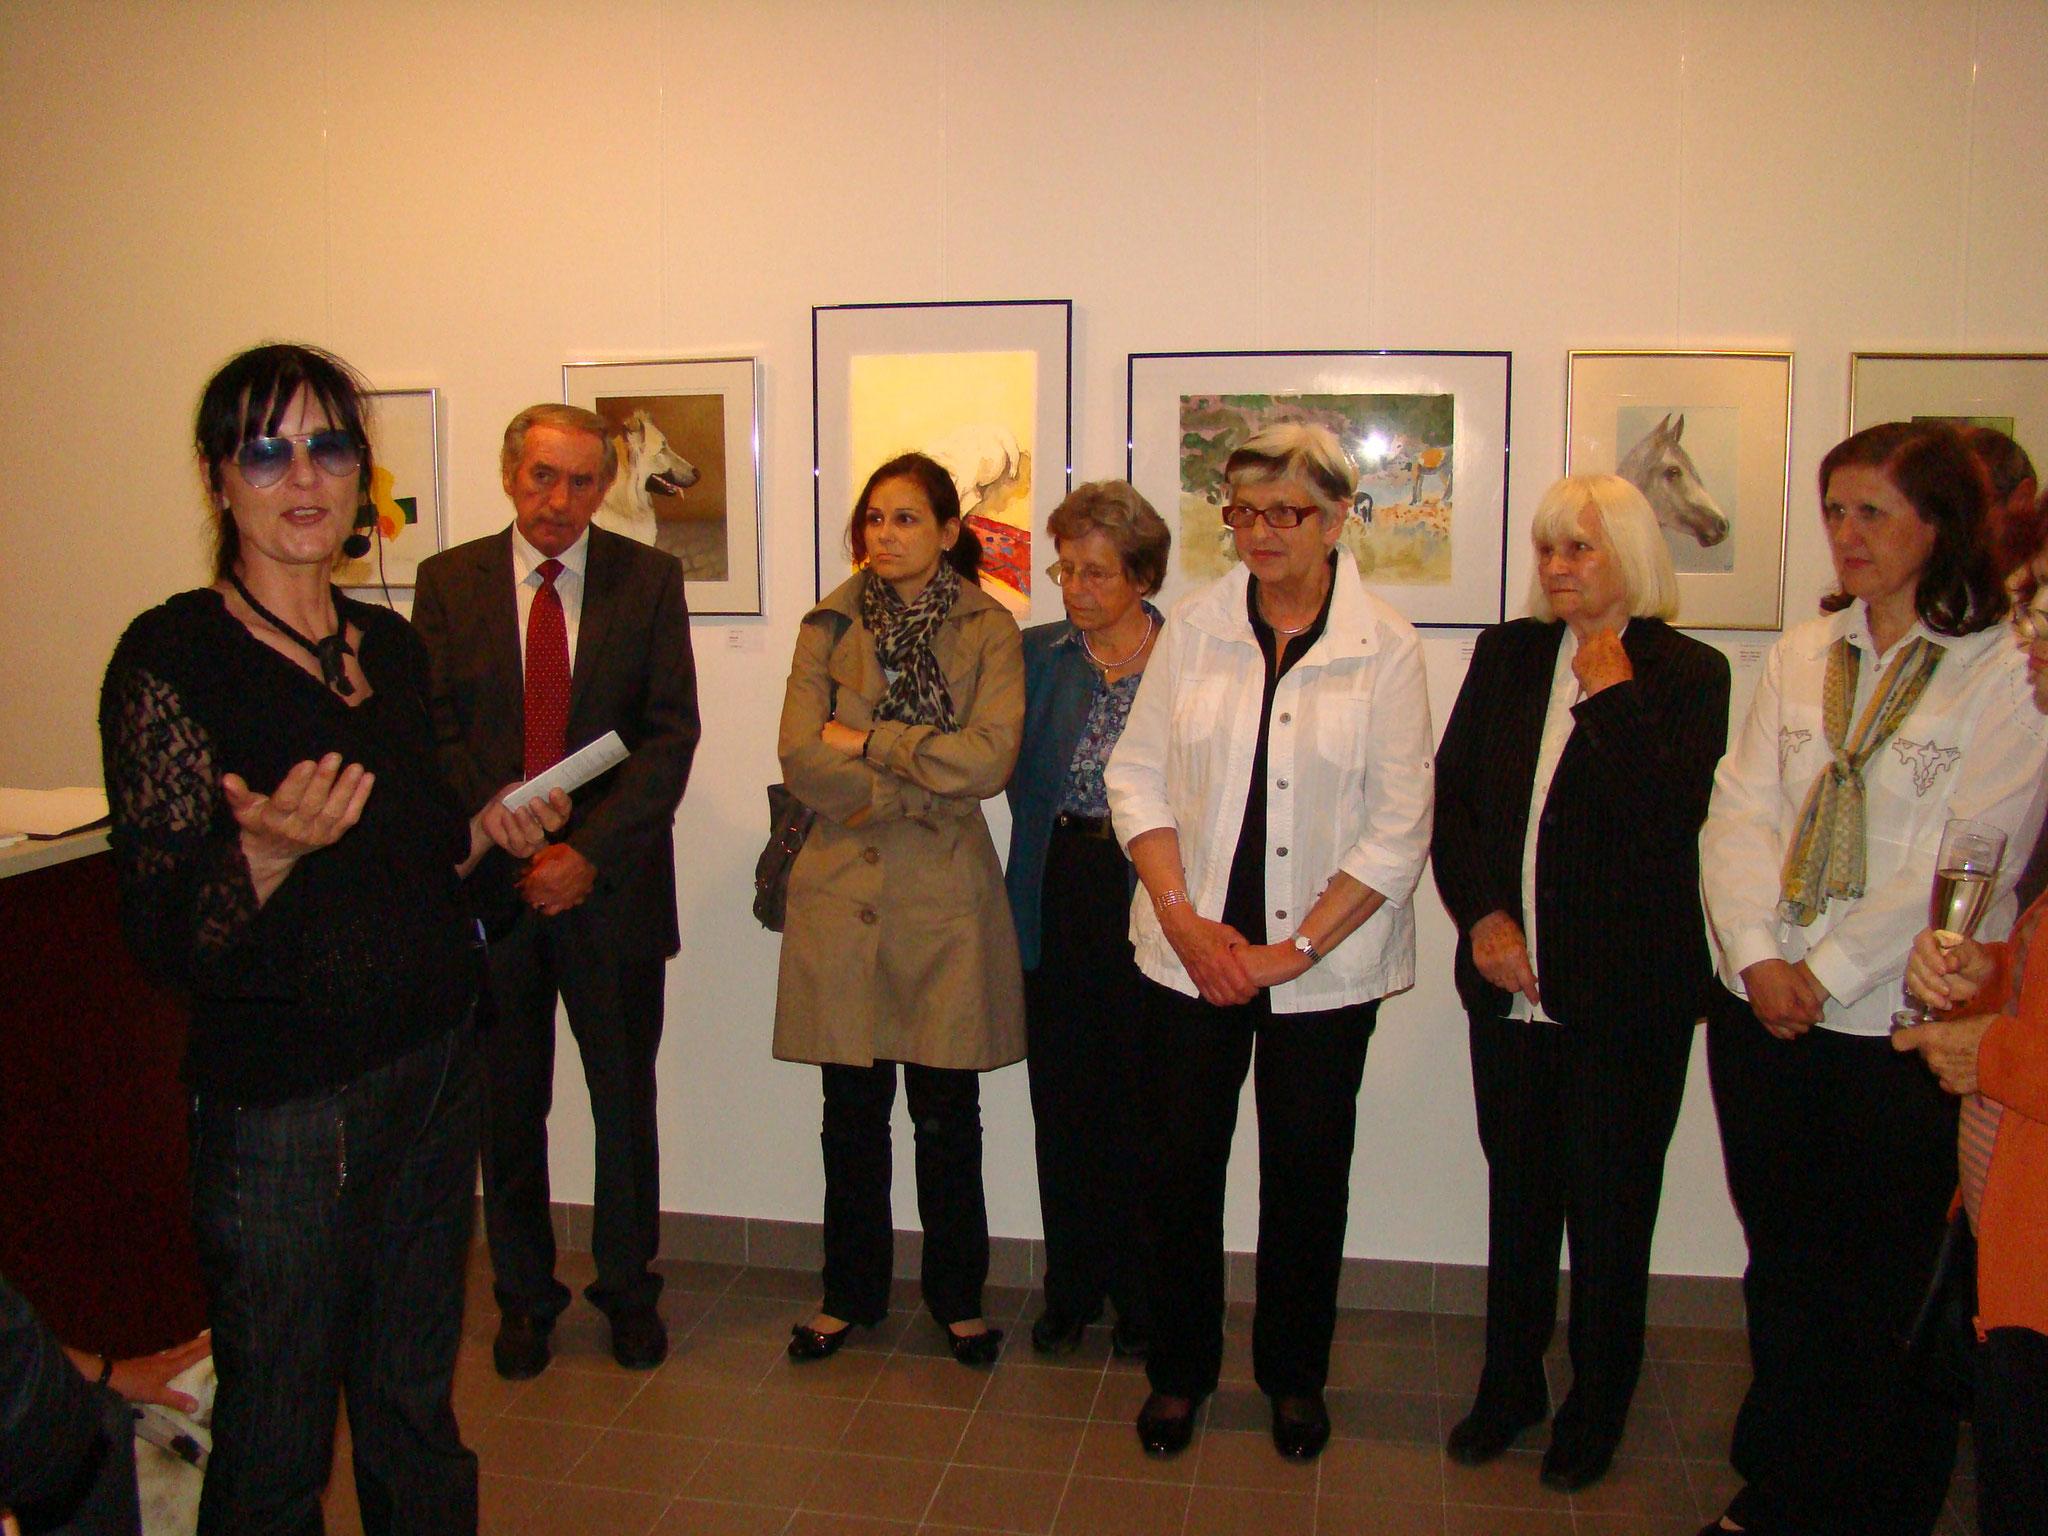 Vernissage: 21. Juni 2010 / 19:00 Uhr - Roswitha Wagner, Otto Lustyk, zwei Besucherinnen, Annemarie Auer, Thekla Stroschneider, Gertrude Prinz